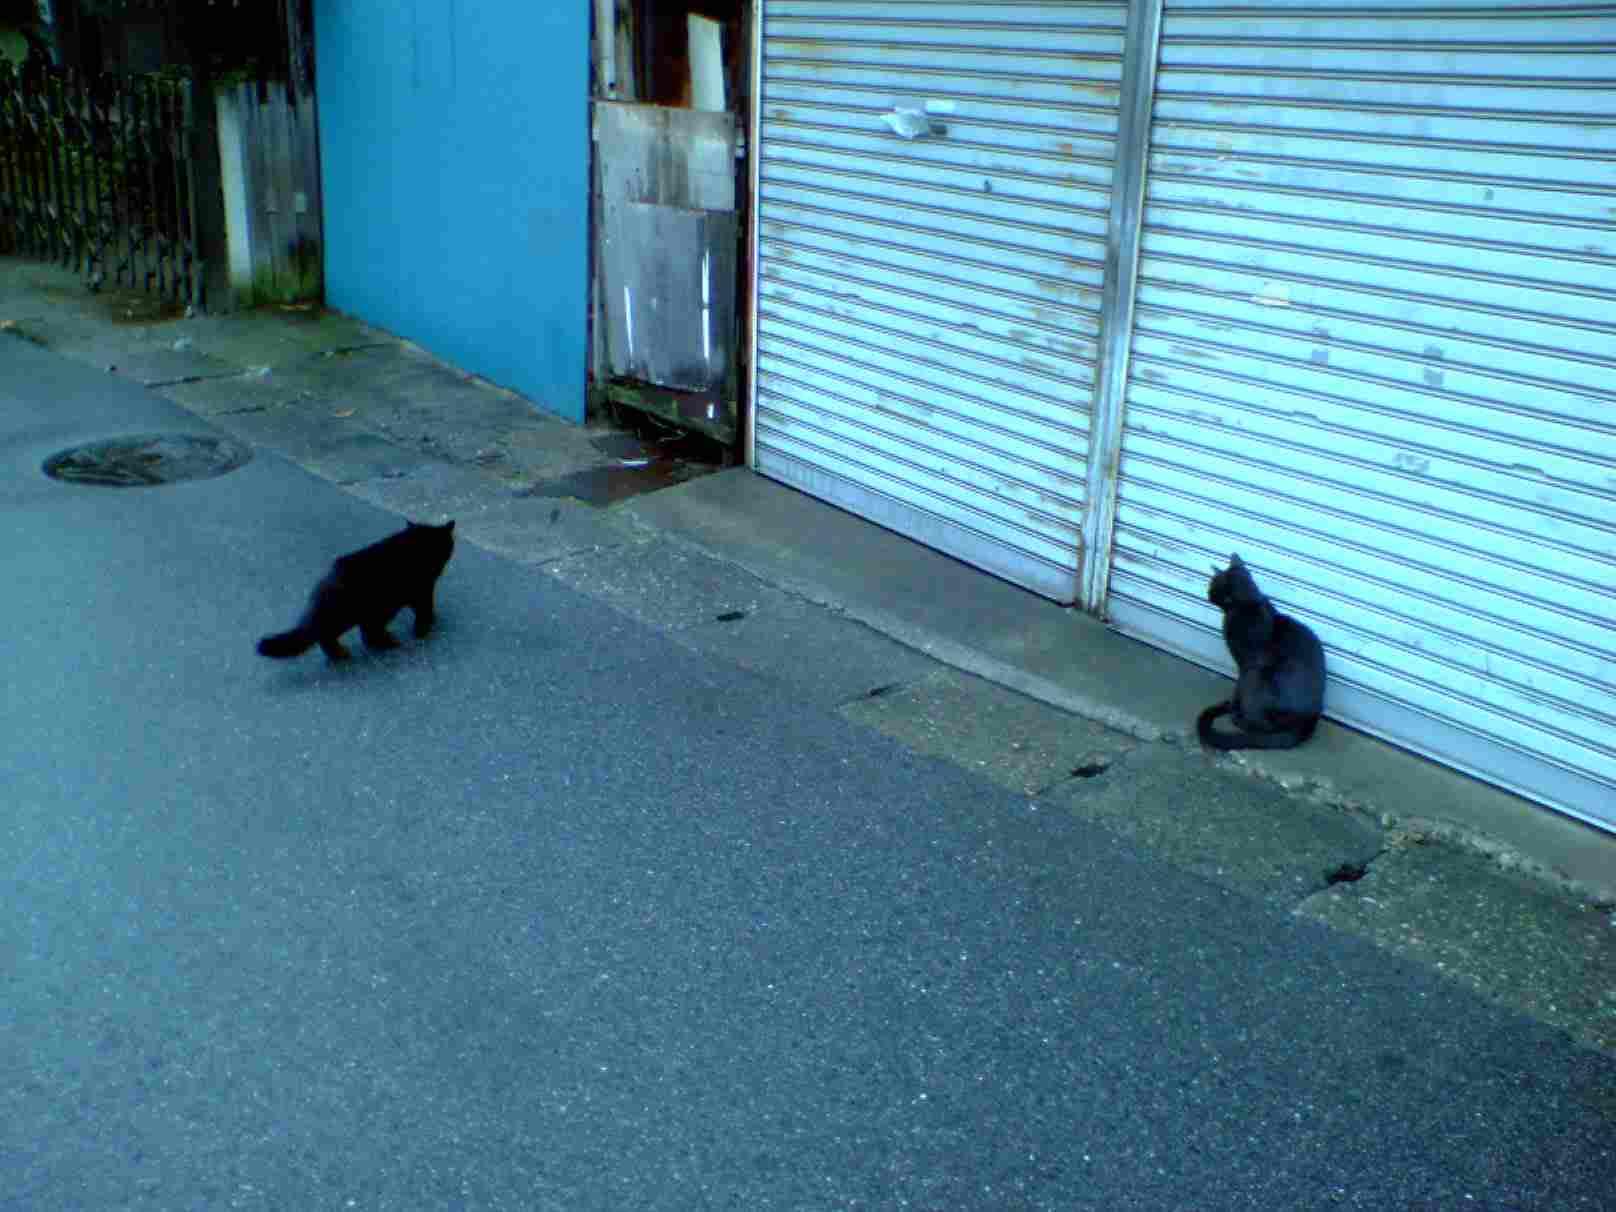 黒猫2匹 幕張にて